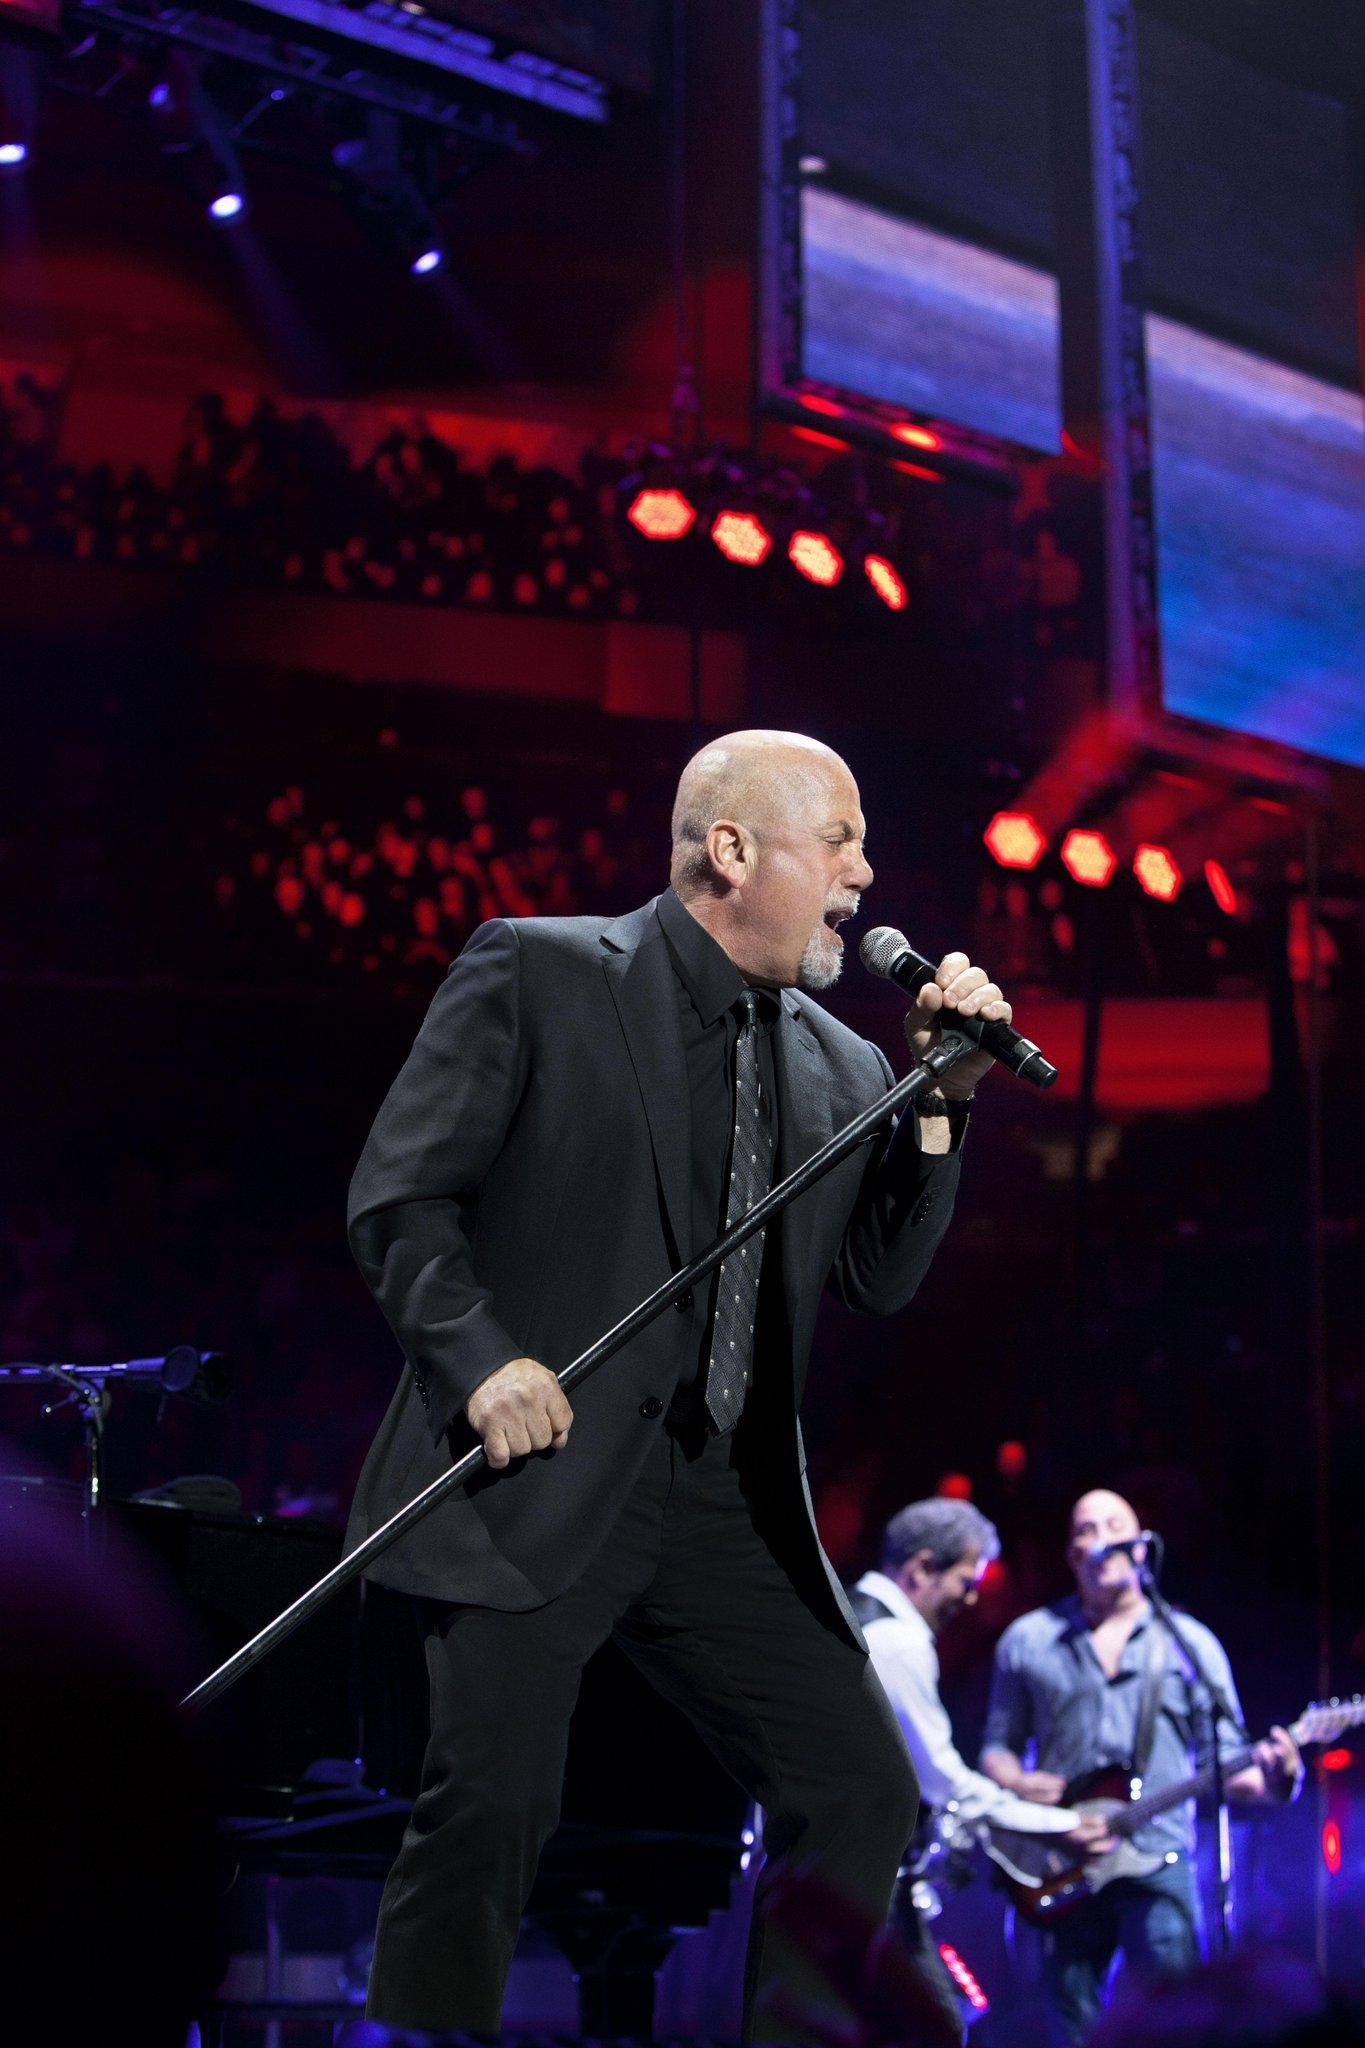 Billy Joel Billyjoel Twitter